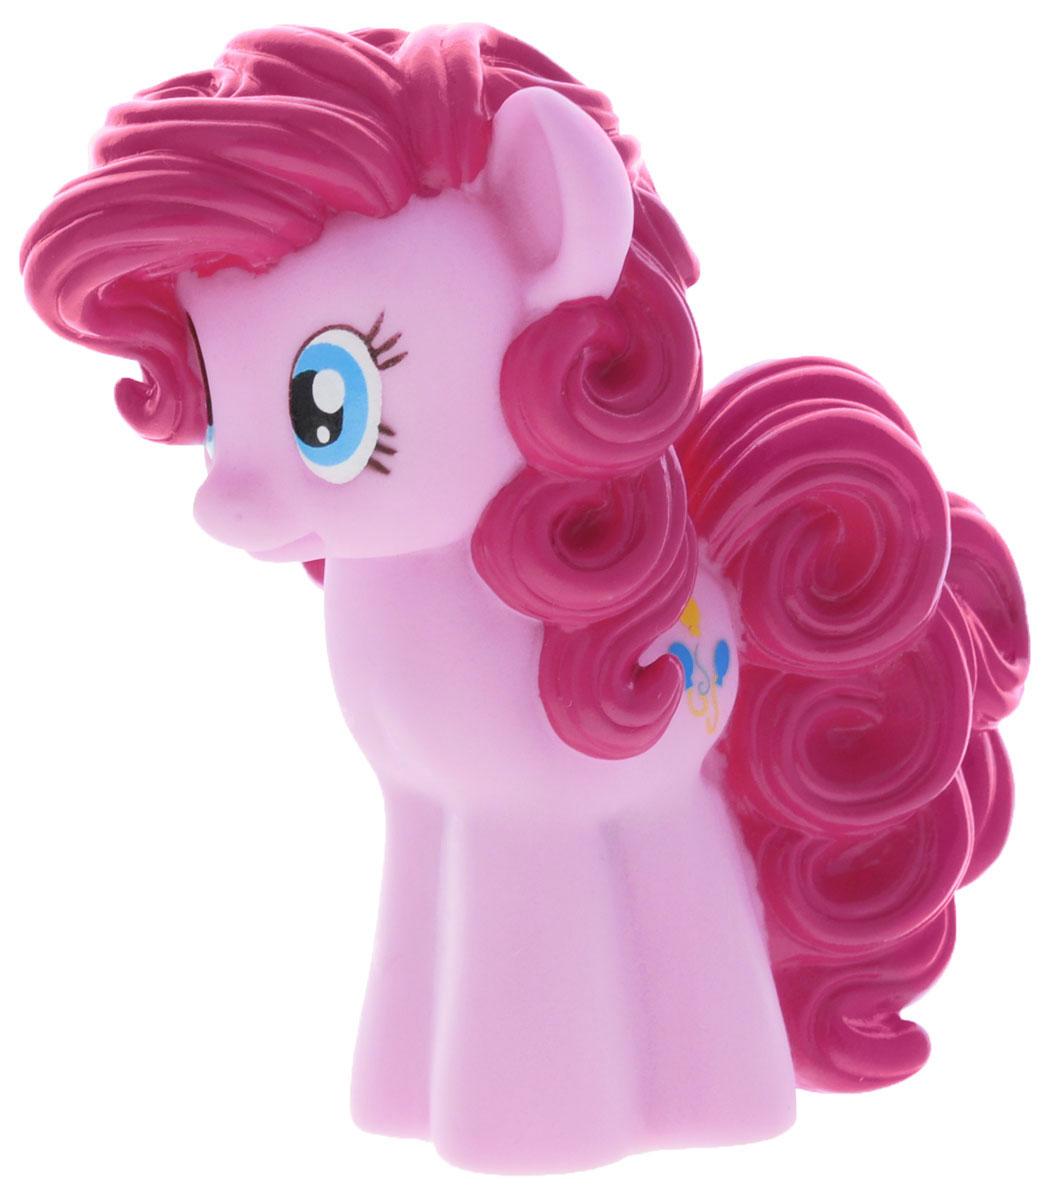 My Little Pony Игрушка для ванны Пони Пинки Пай мульти пульти мягкая игрушка принцесса луна 18 см со звуком my little pony мульти пульти